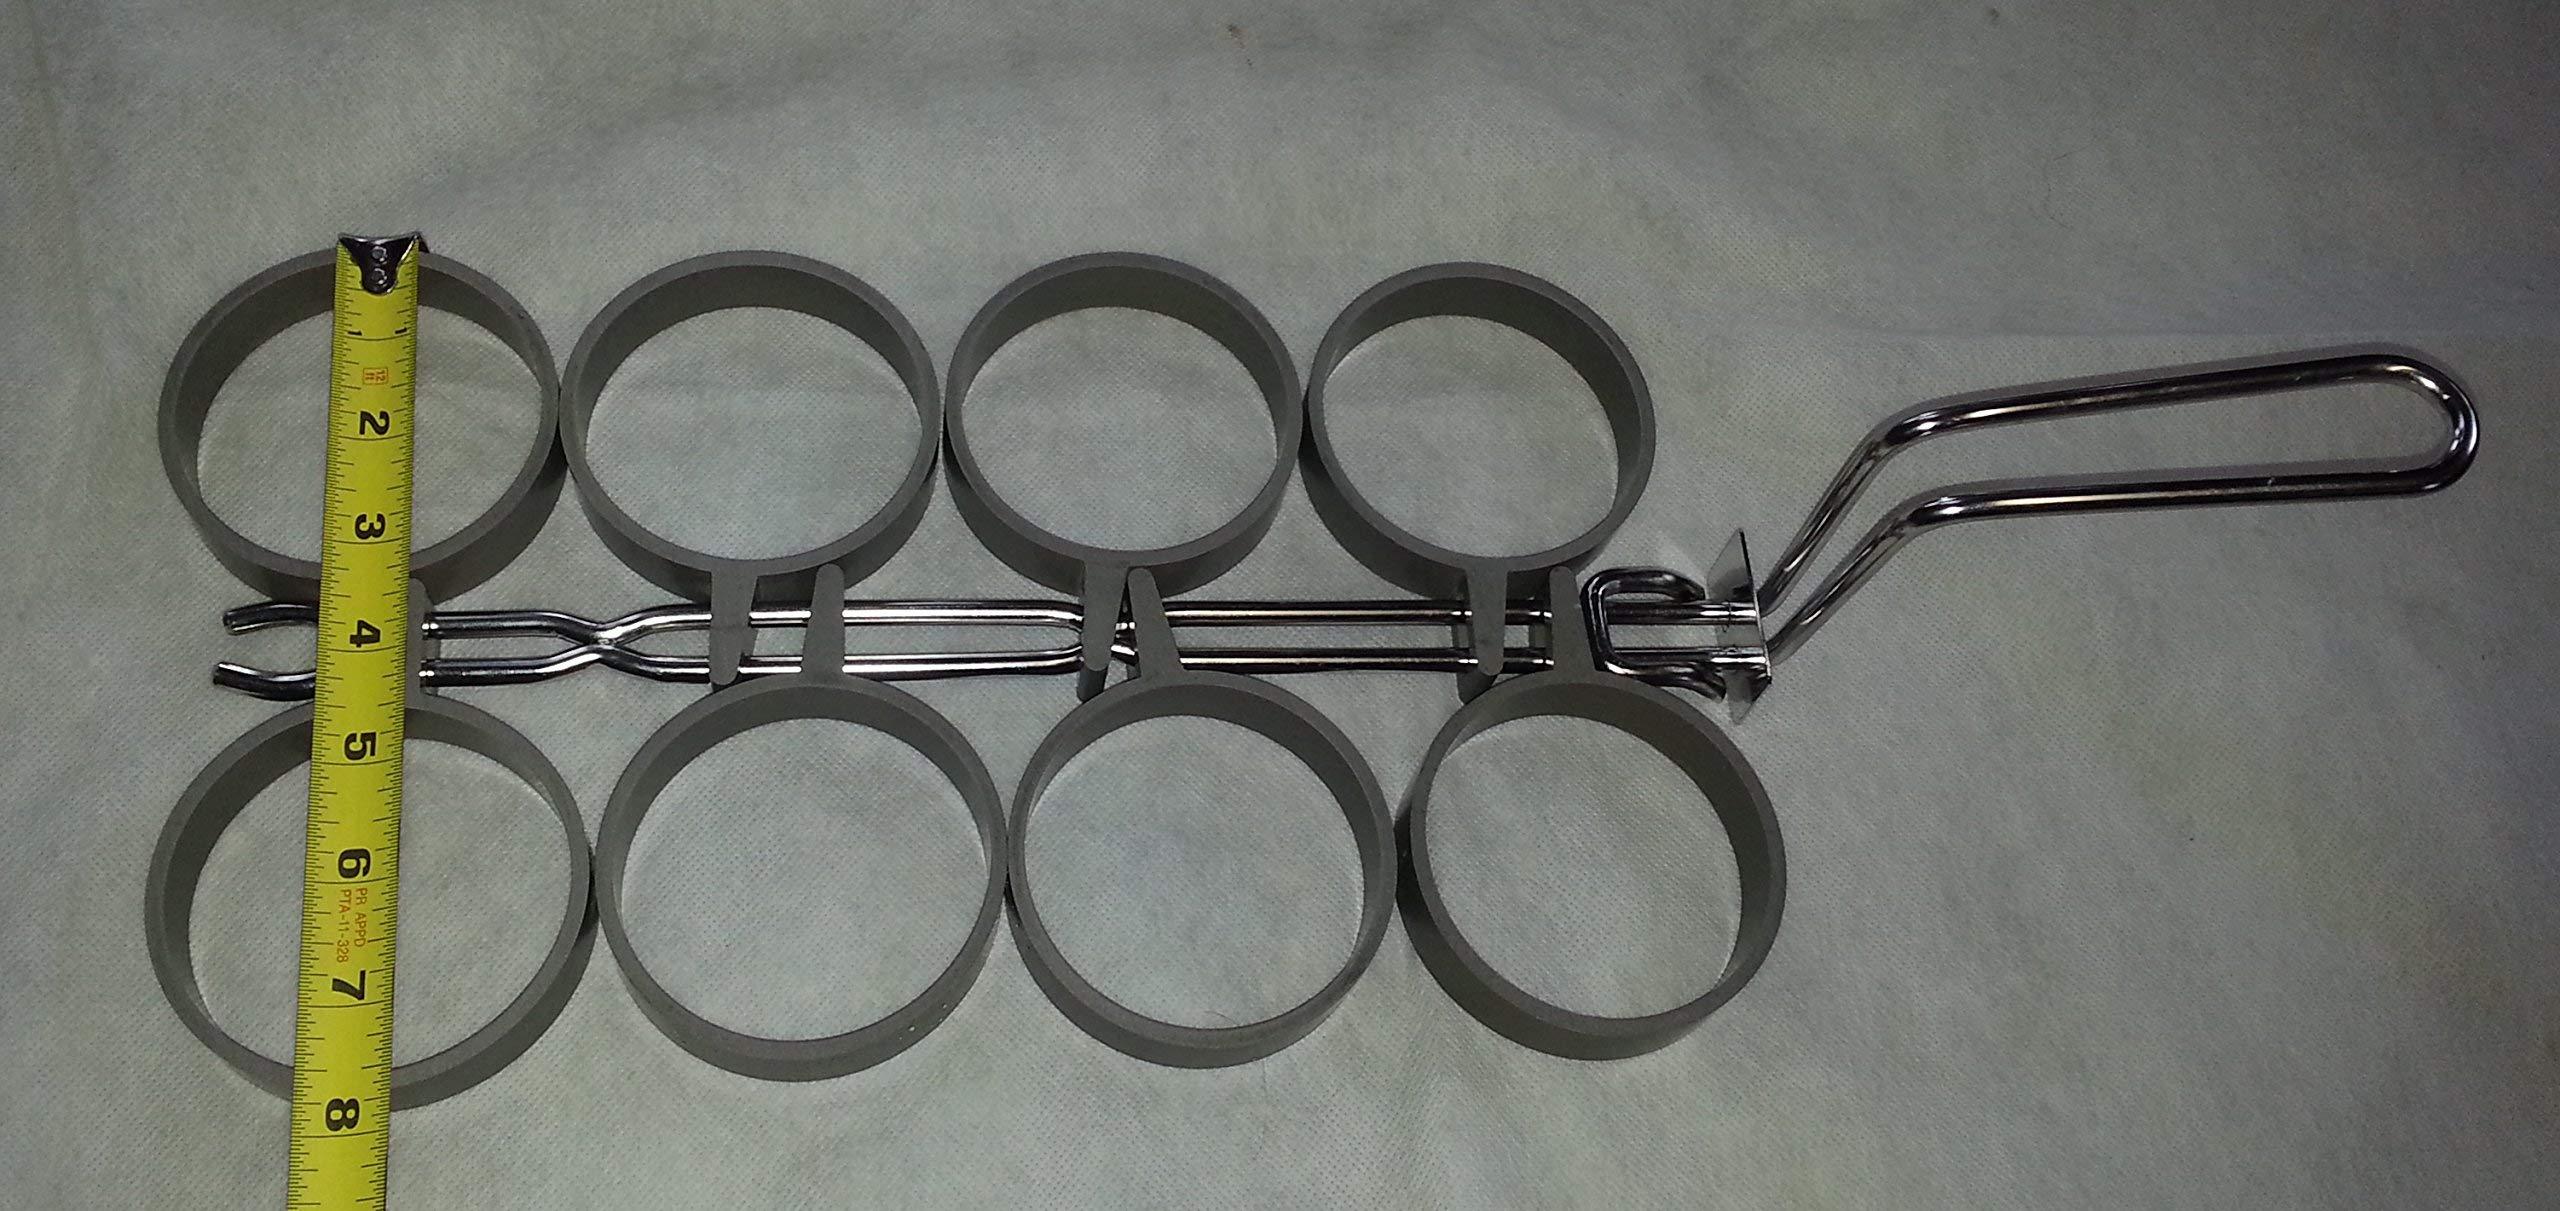 5001602-8 rings 8 ring commercial egg ring